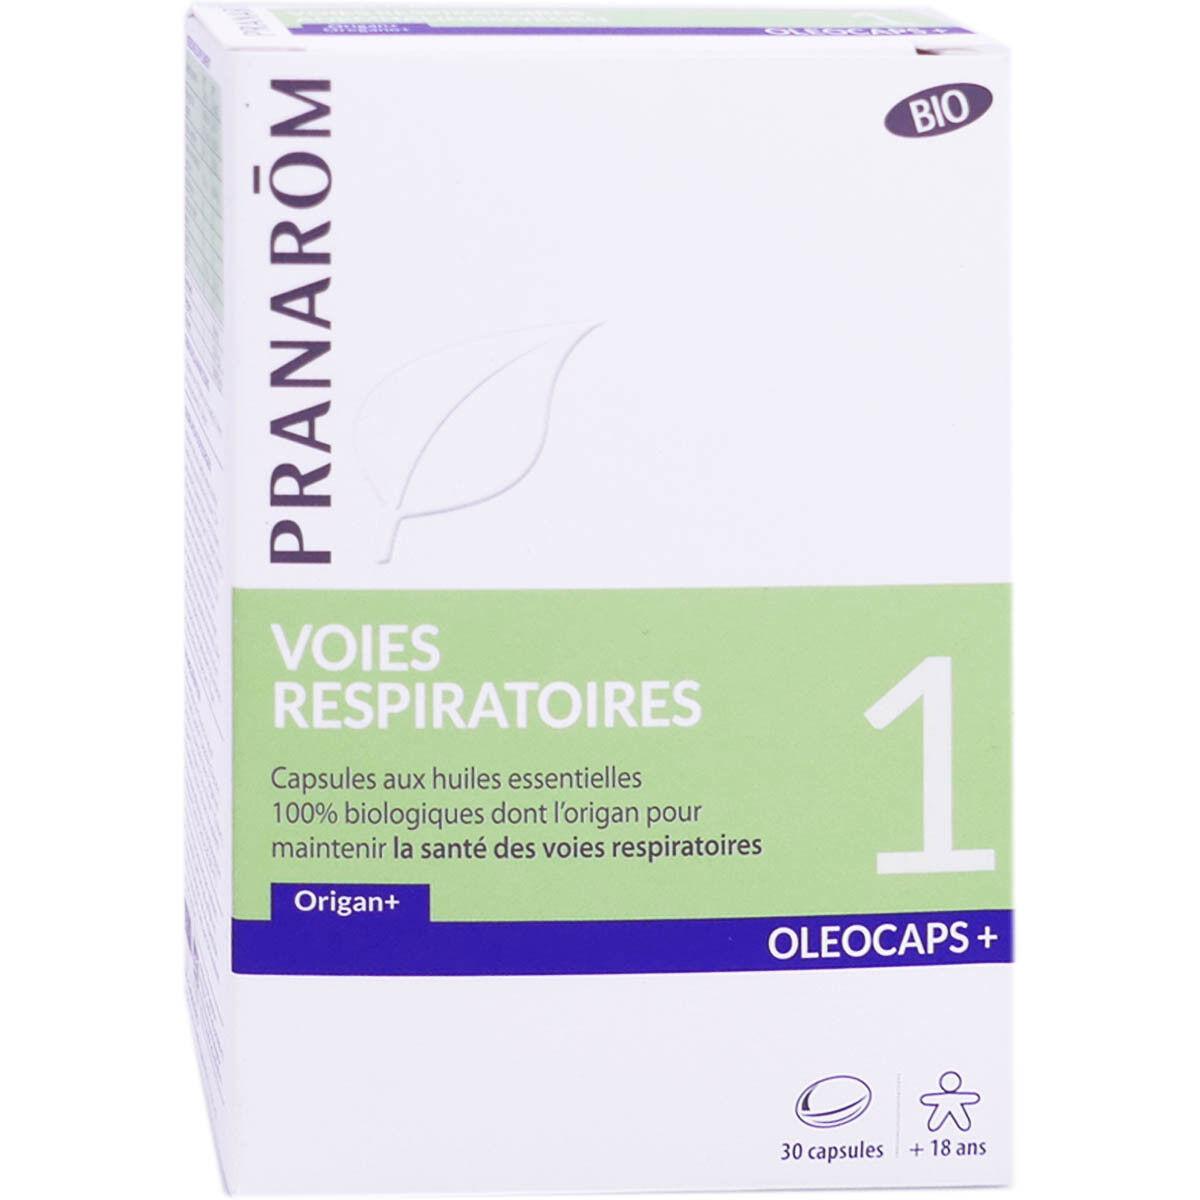 Pranarom voies respiratoires bio oleocaps+1 30 capsules